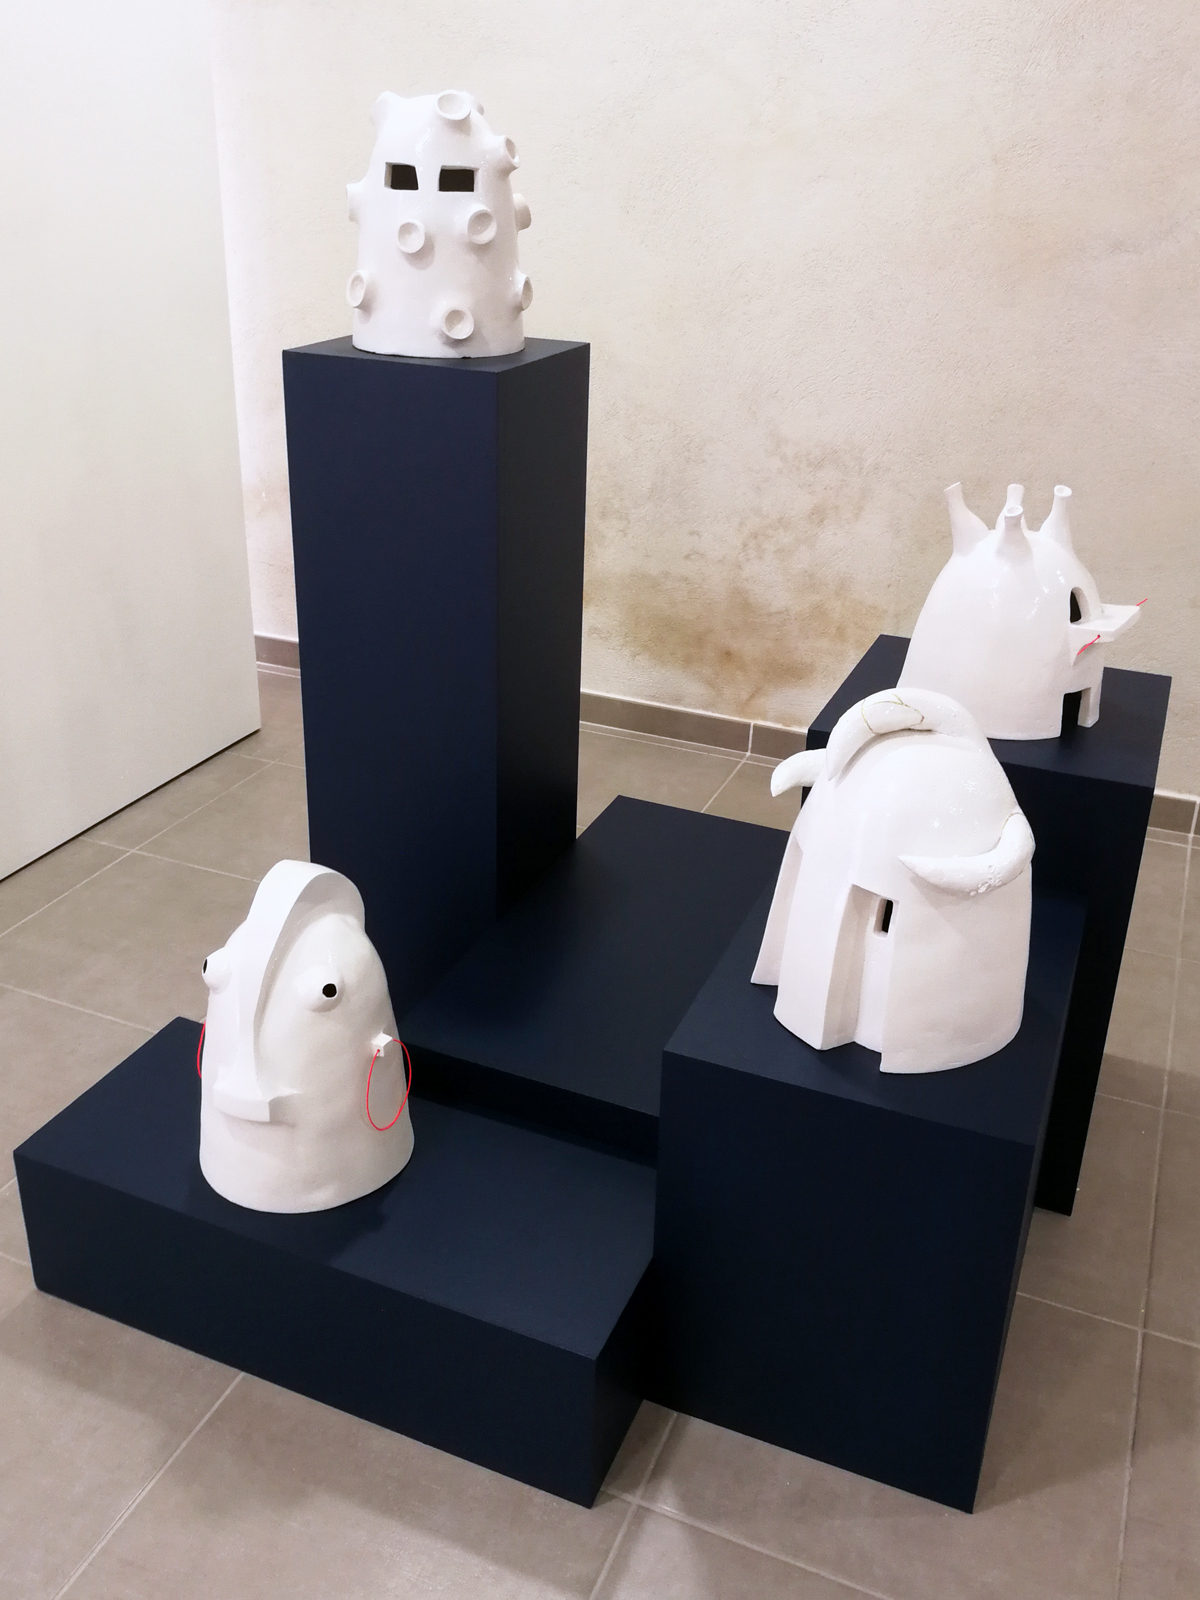 Ibf ceramic-15